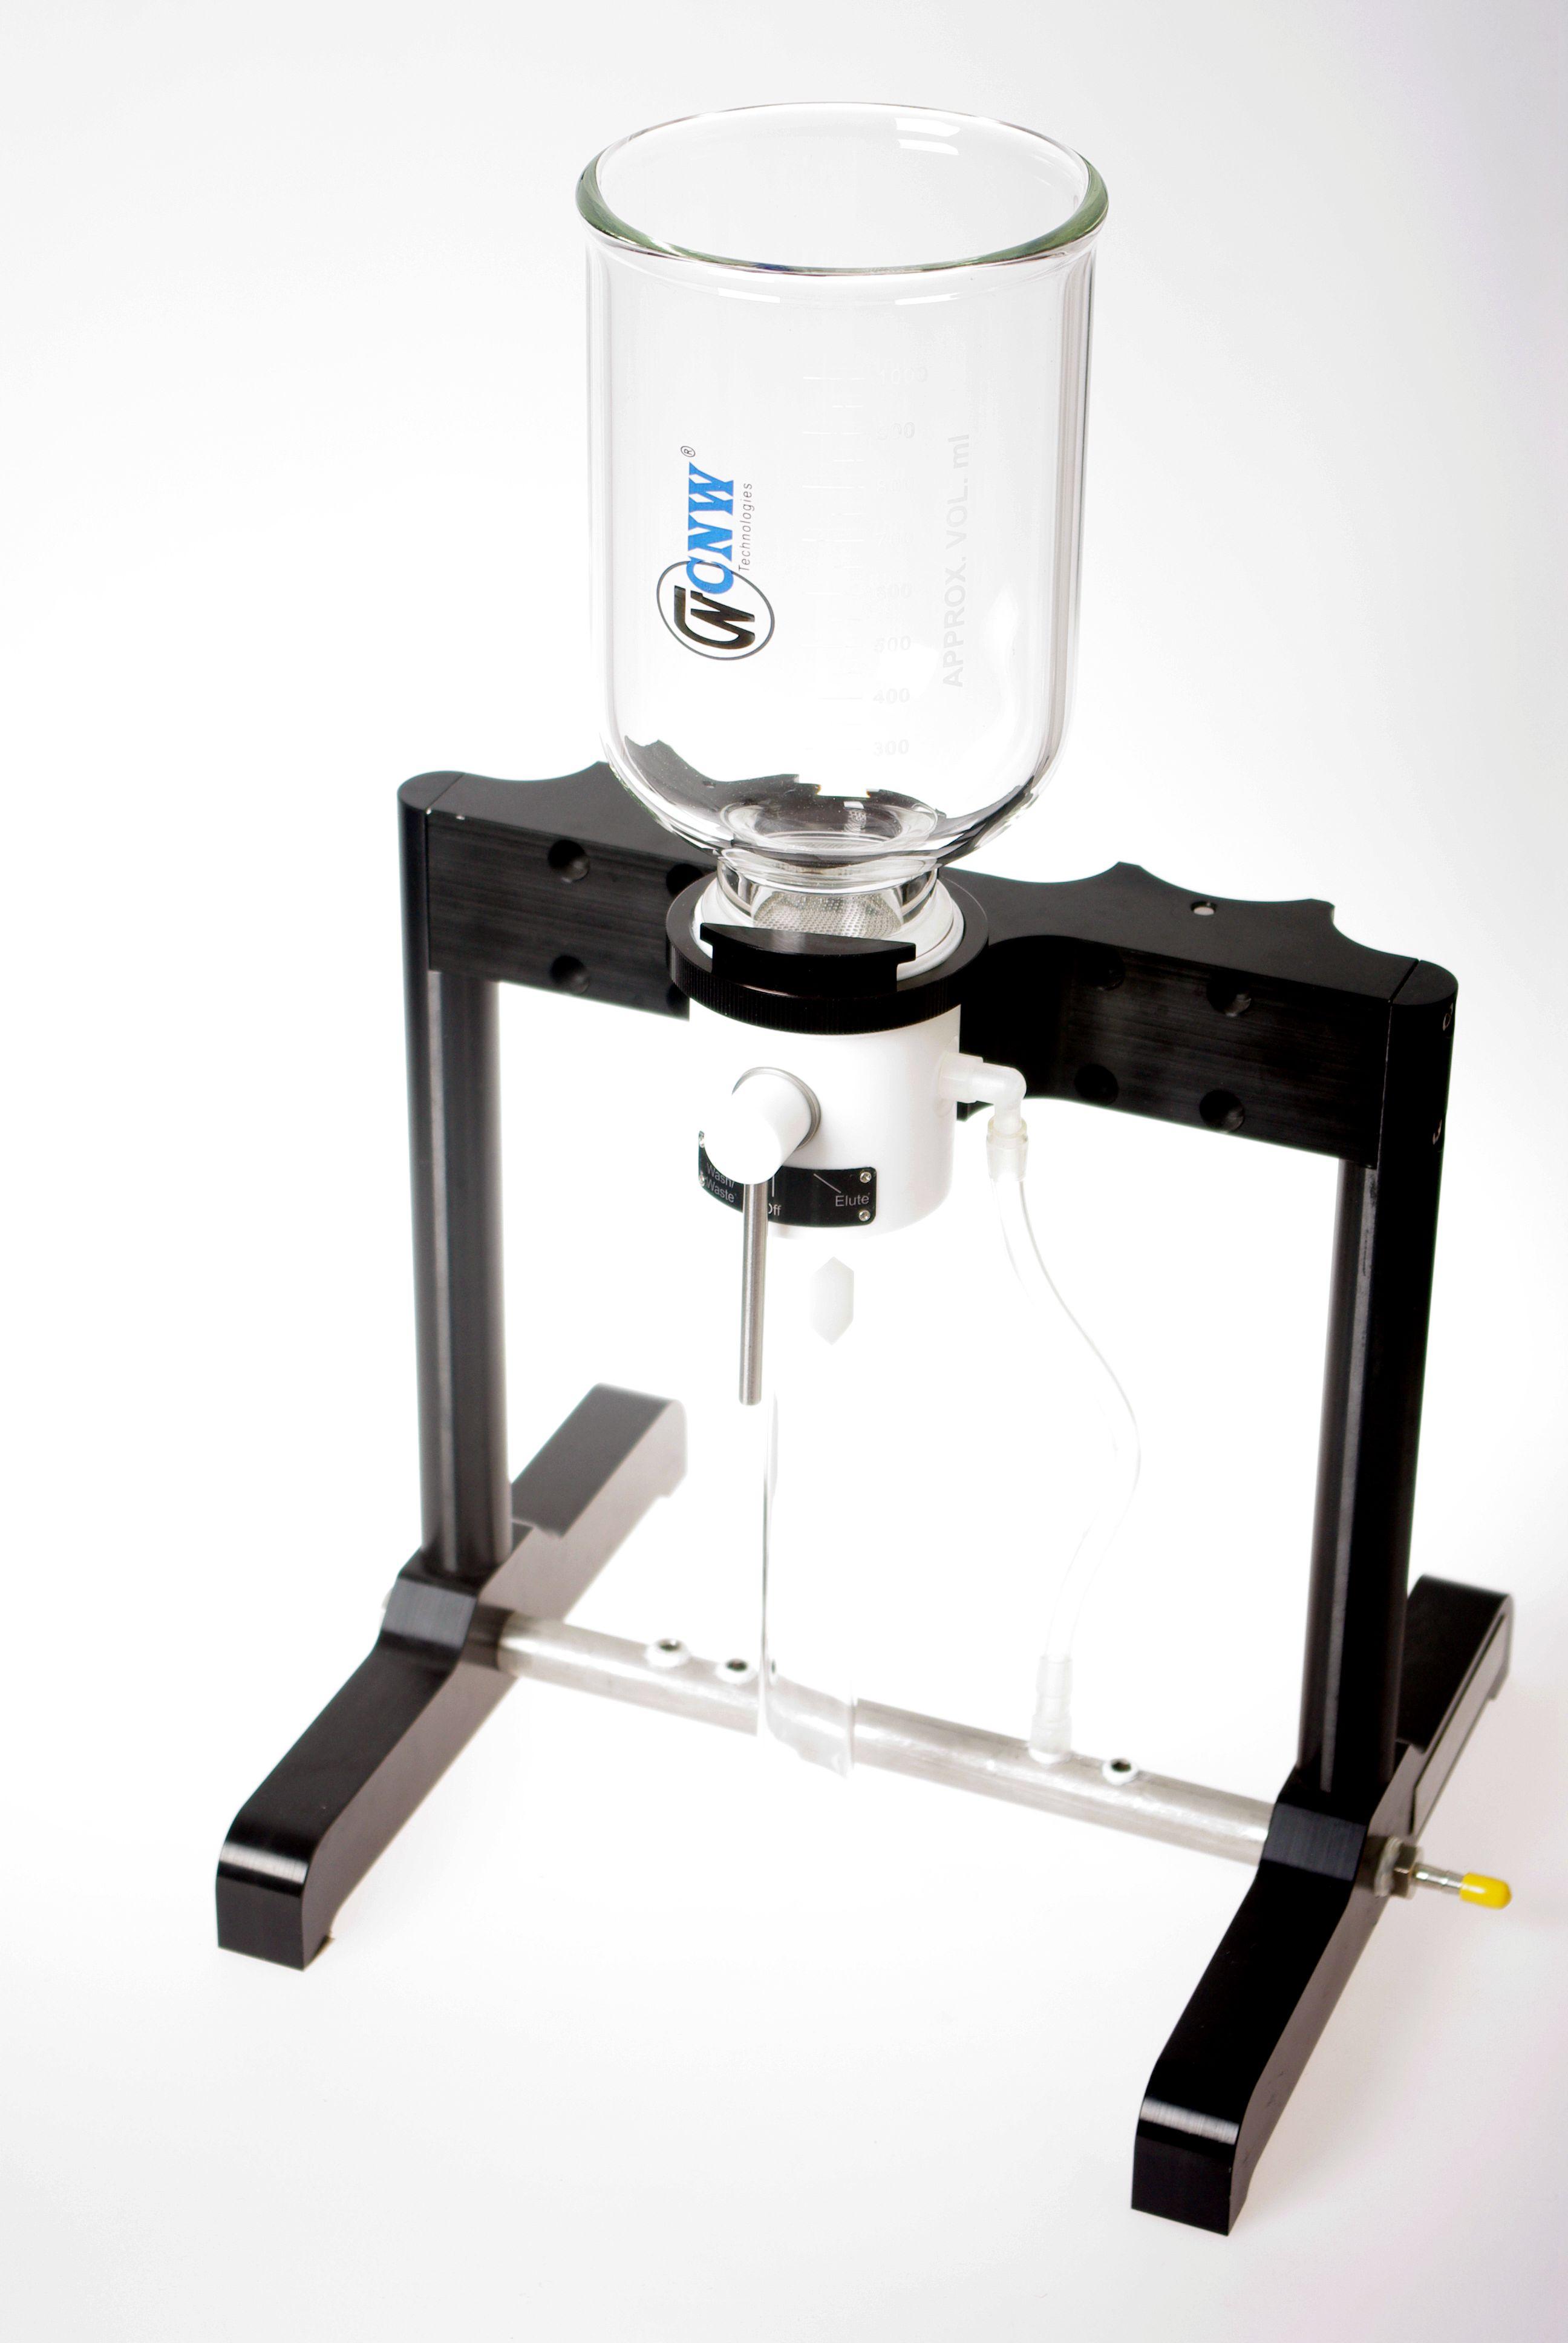 一位膜片固相萃取圆盘(含1套滤杯、收集管和PTFE支撑盘和黑色支架)